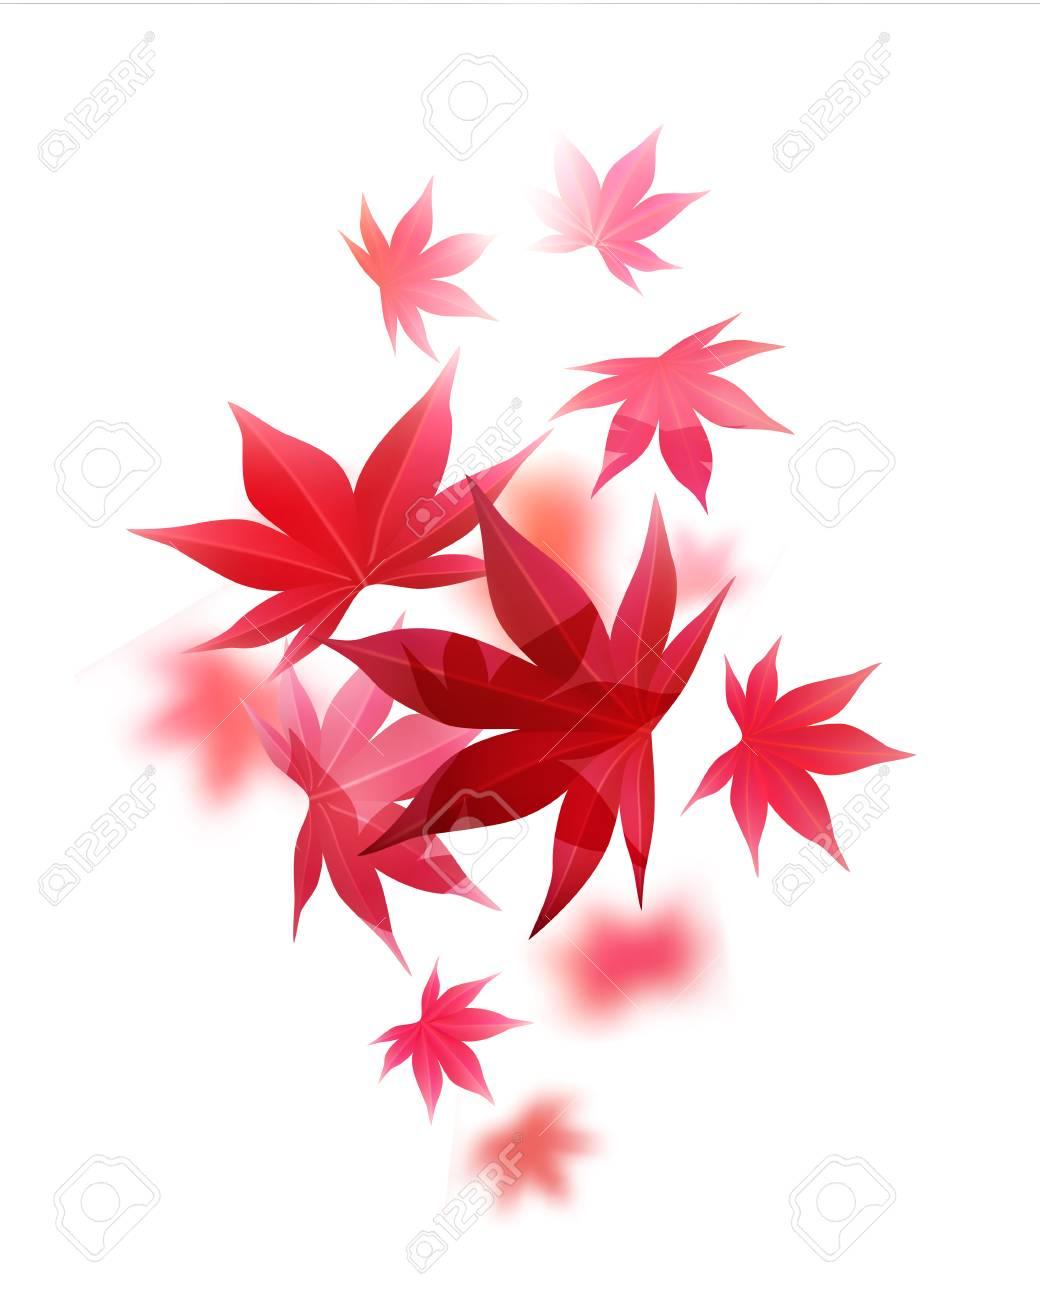 白のベクター イラストをリアルな秋もみじのイラスト素材ベクタ